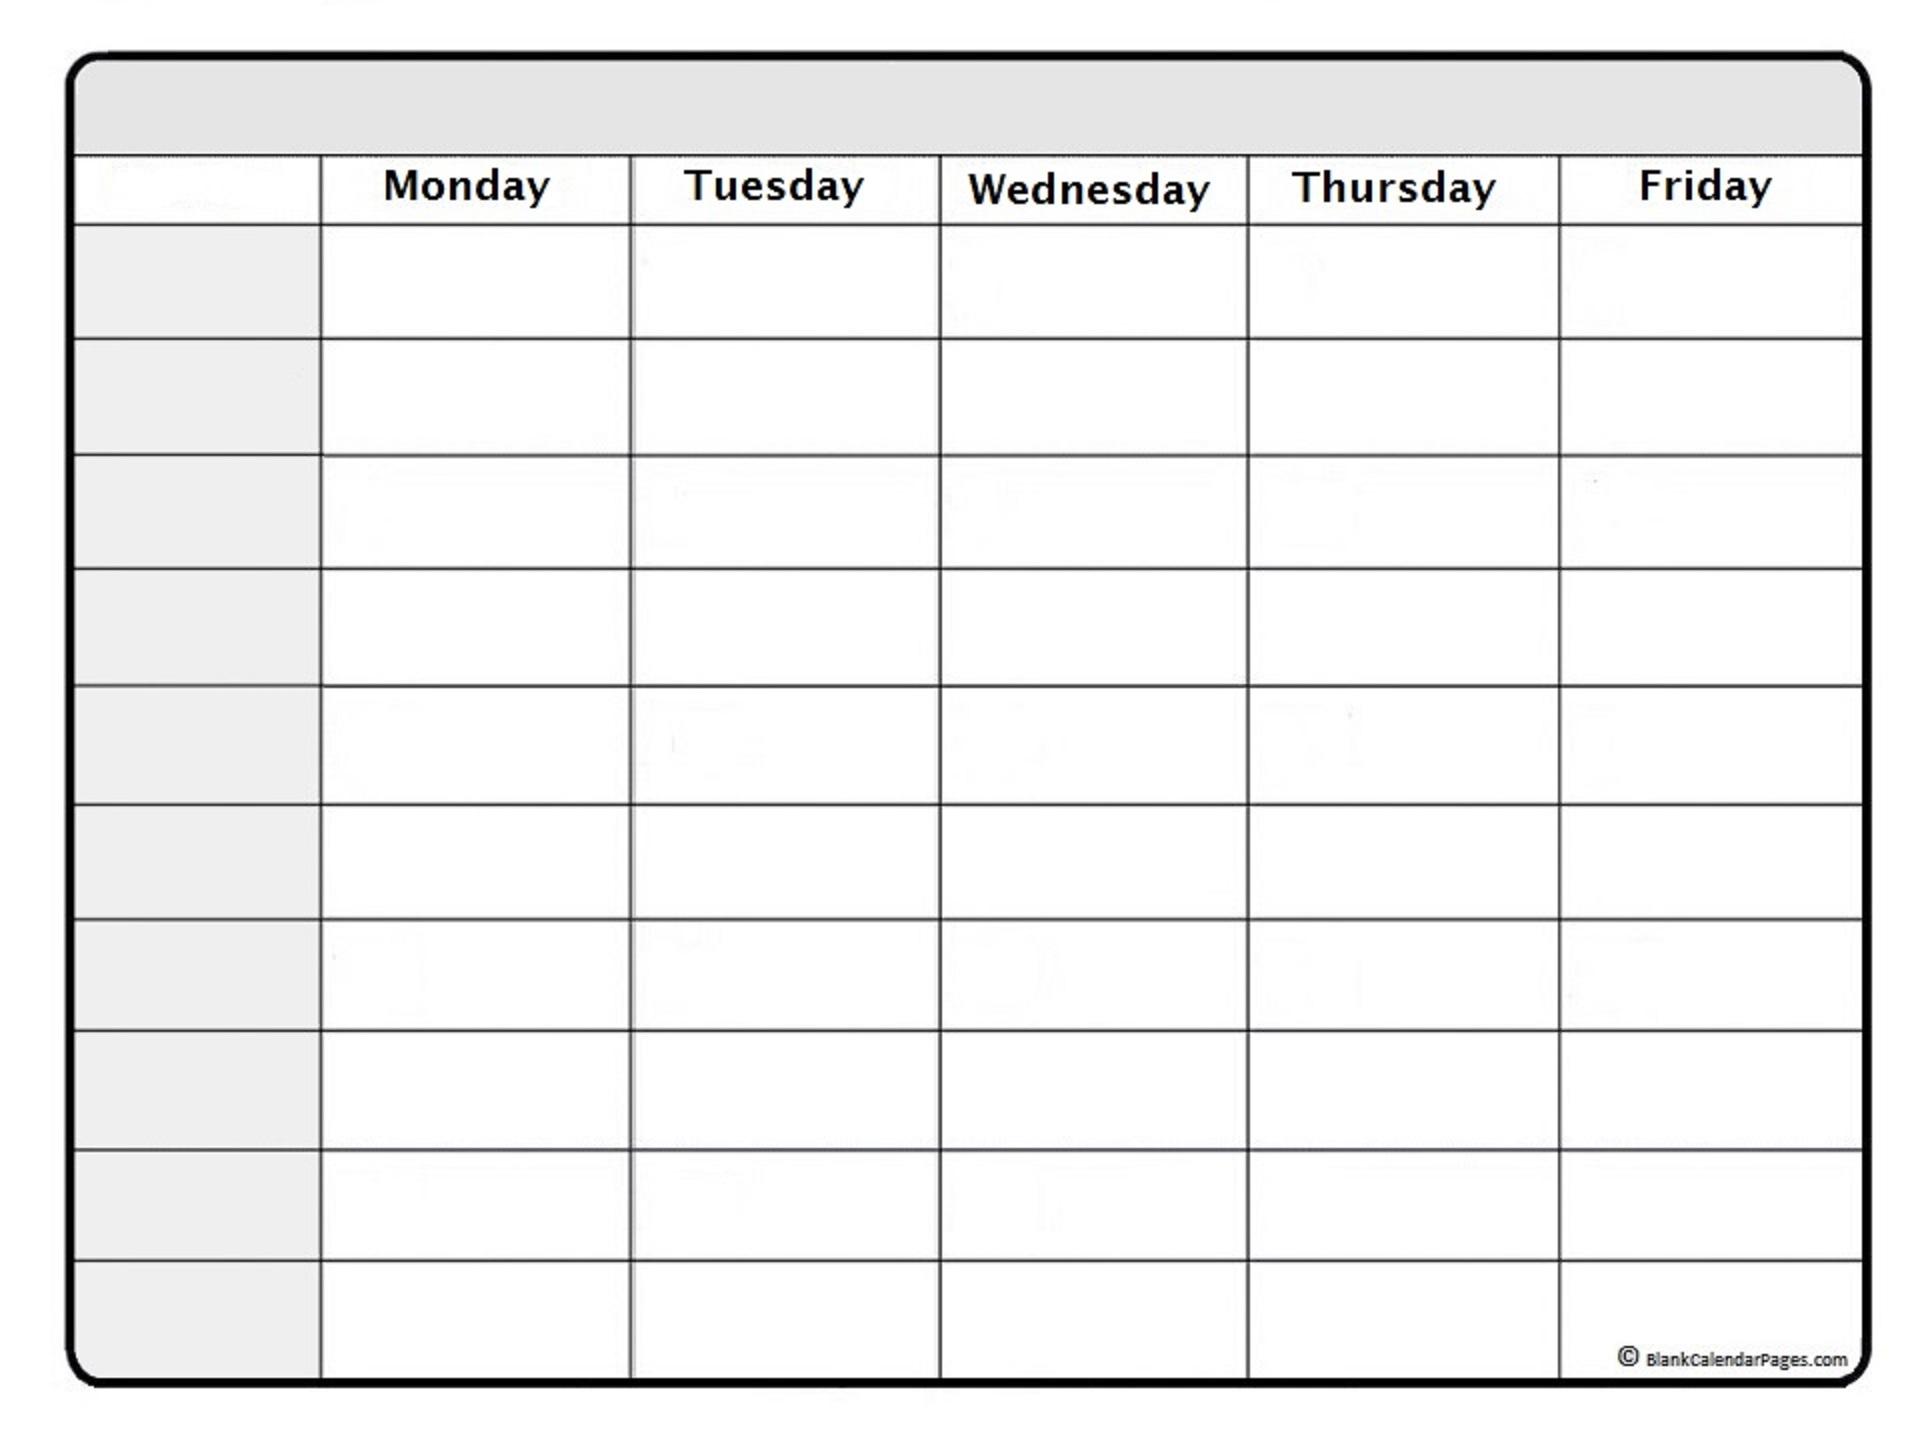 August 2019 Weekly Calendar | August 2019 Weekly Calendar Template within Blank 4 Week Calendar Printable